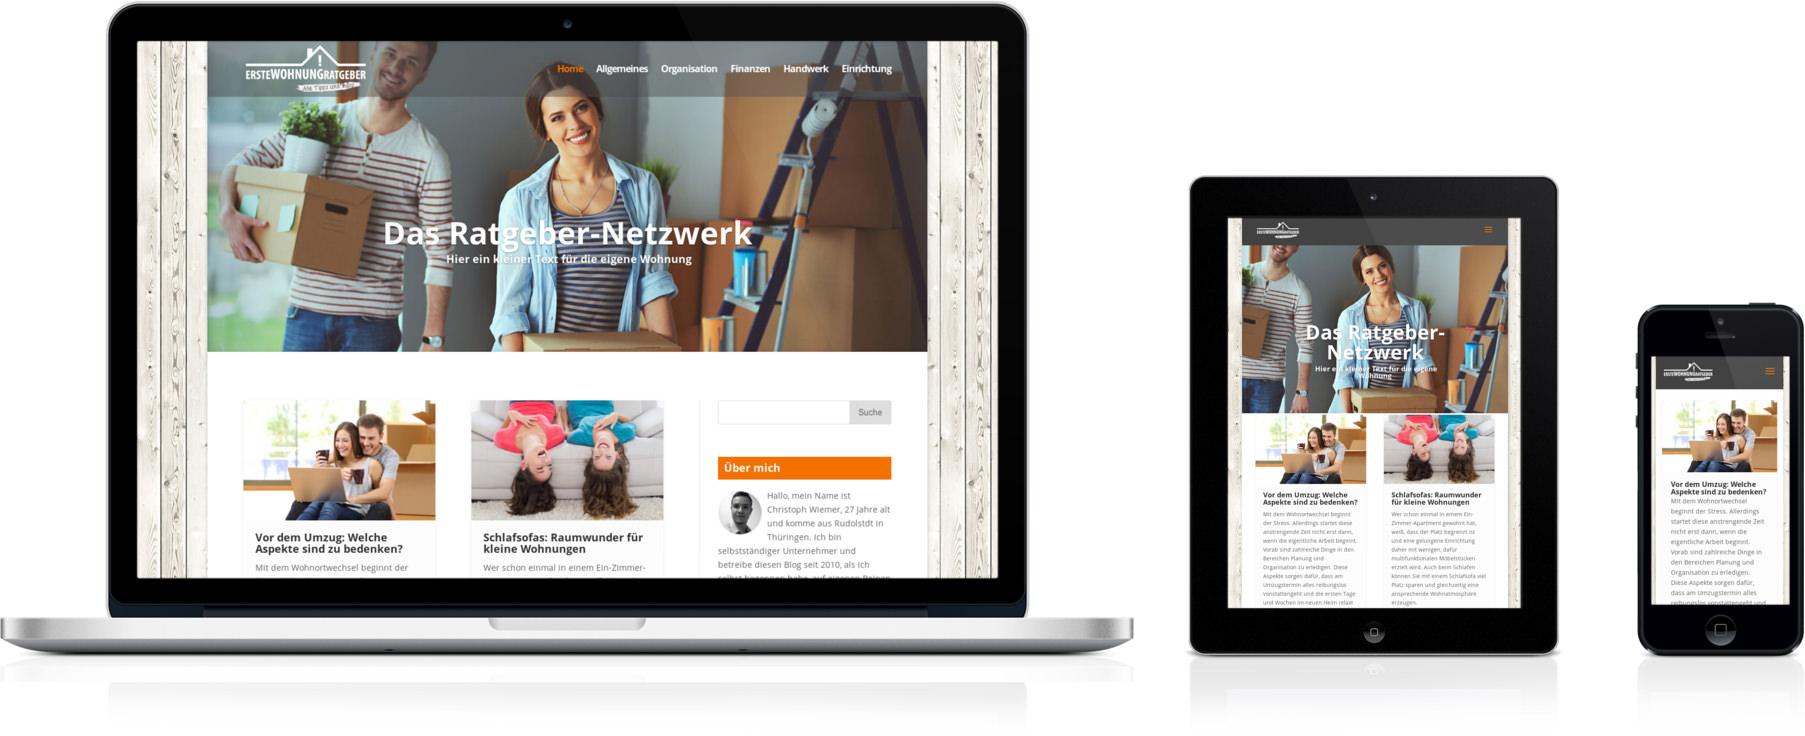 Erstewohnung-Ratgeber.de, geöffnet auf Smartphone, Laptop und Tablet